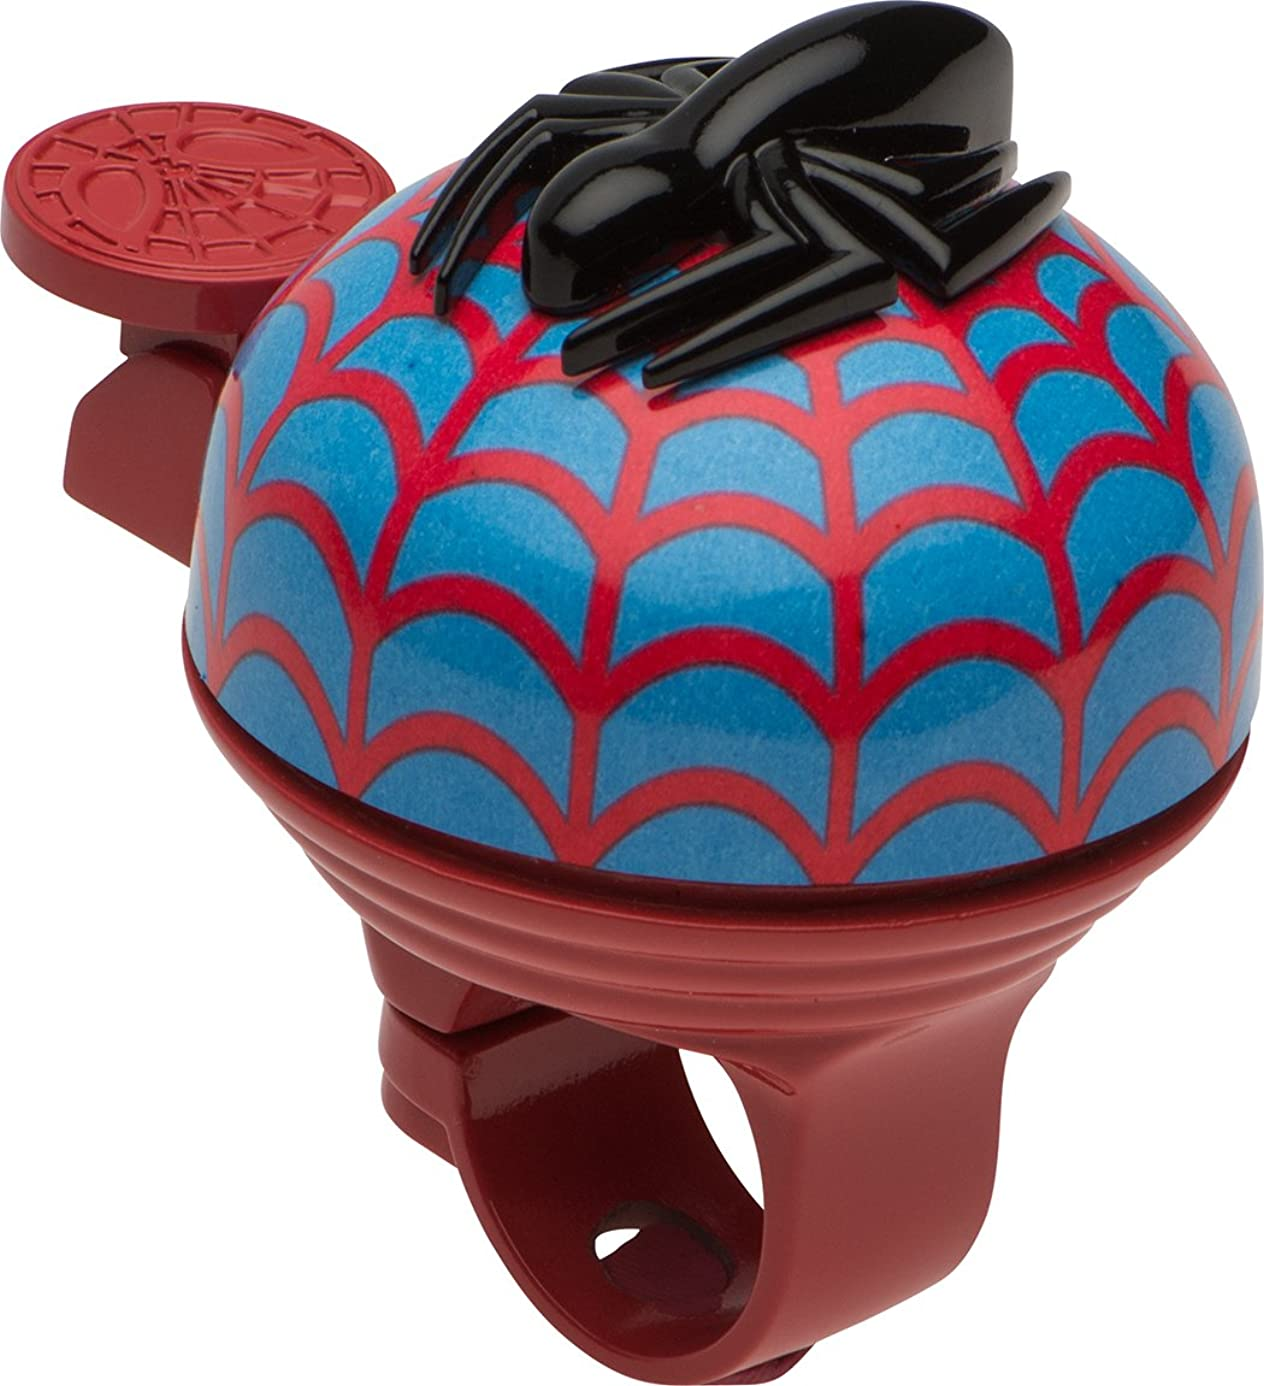 Bell Marvel Spider-Man Child Bike Accessories